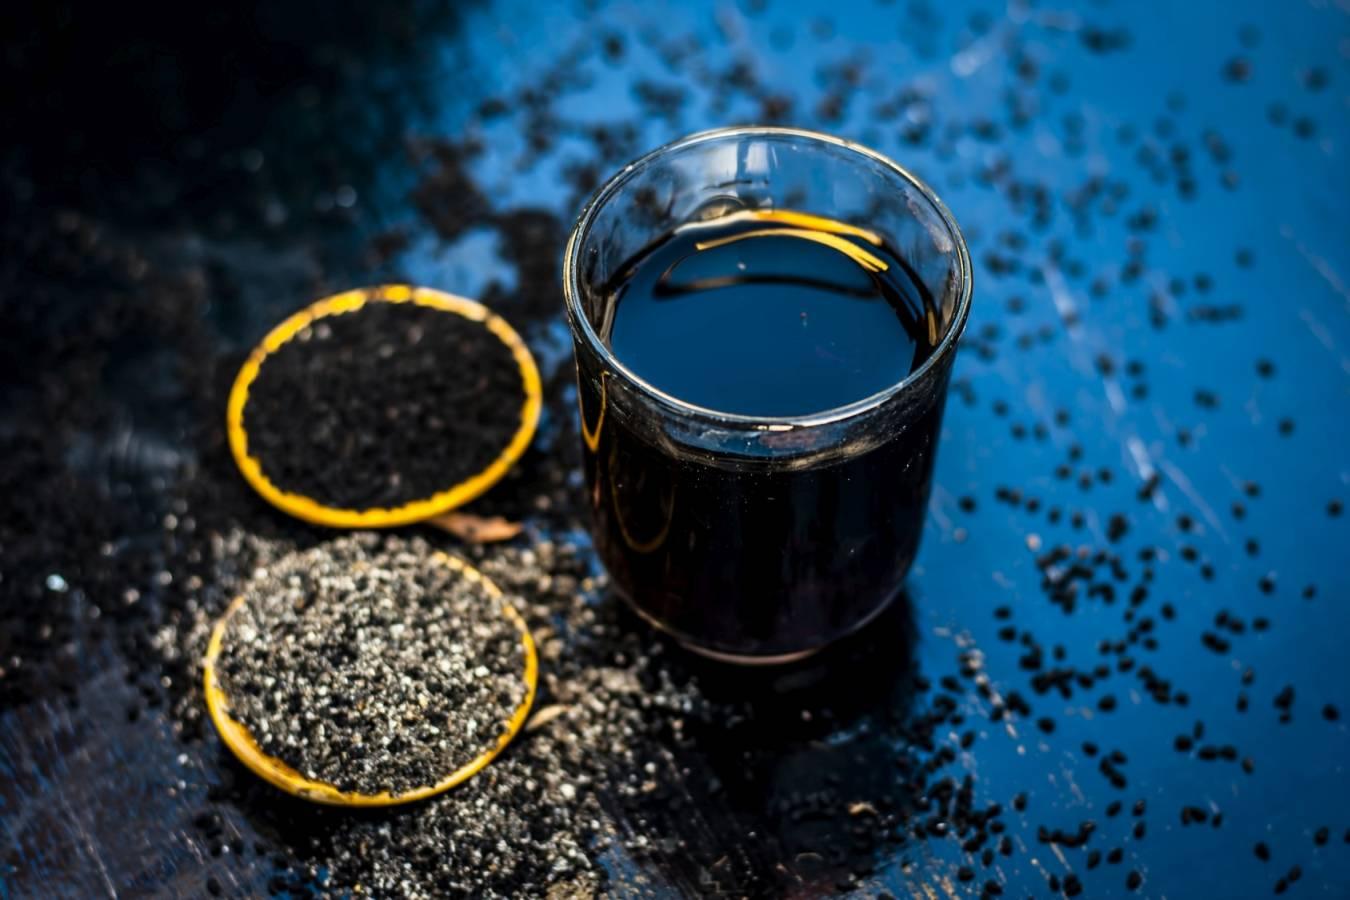 Czarnuszka jest stosowana w lecznictwie i w kuchni. Jak stosować nasiona czarnuszki, aby wydobyć z nich to, co najlepsze.